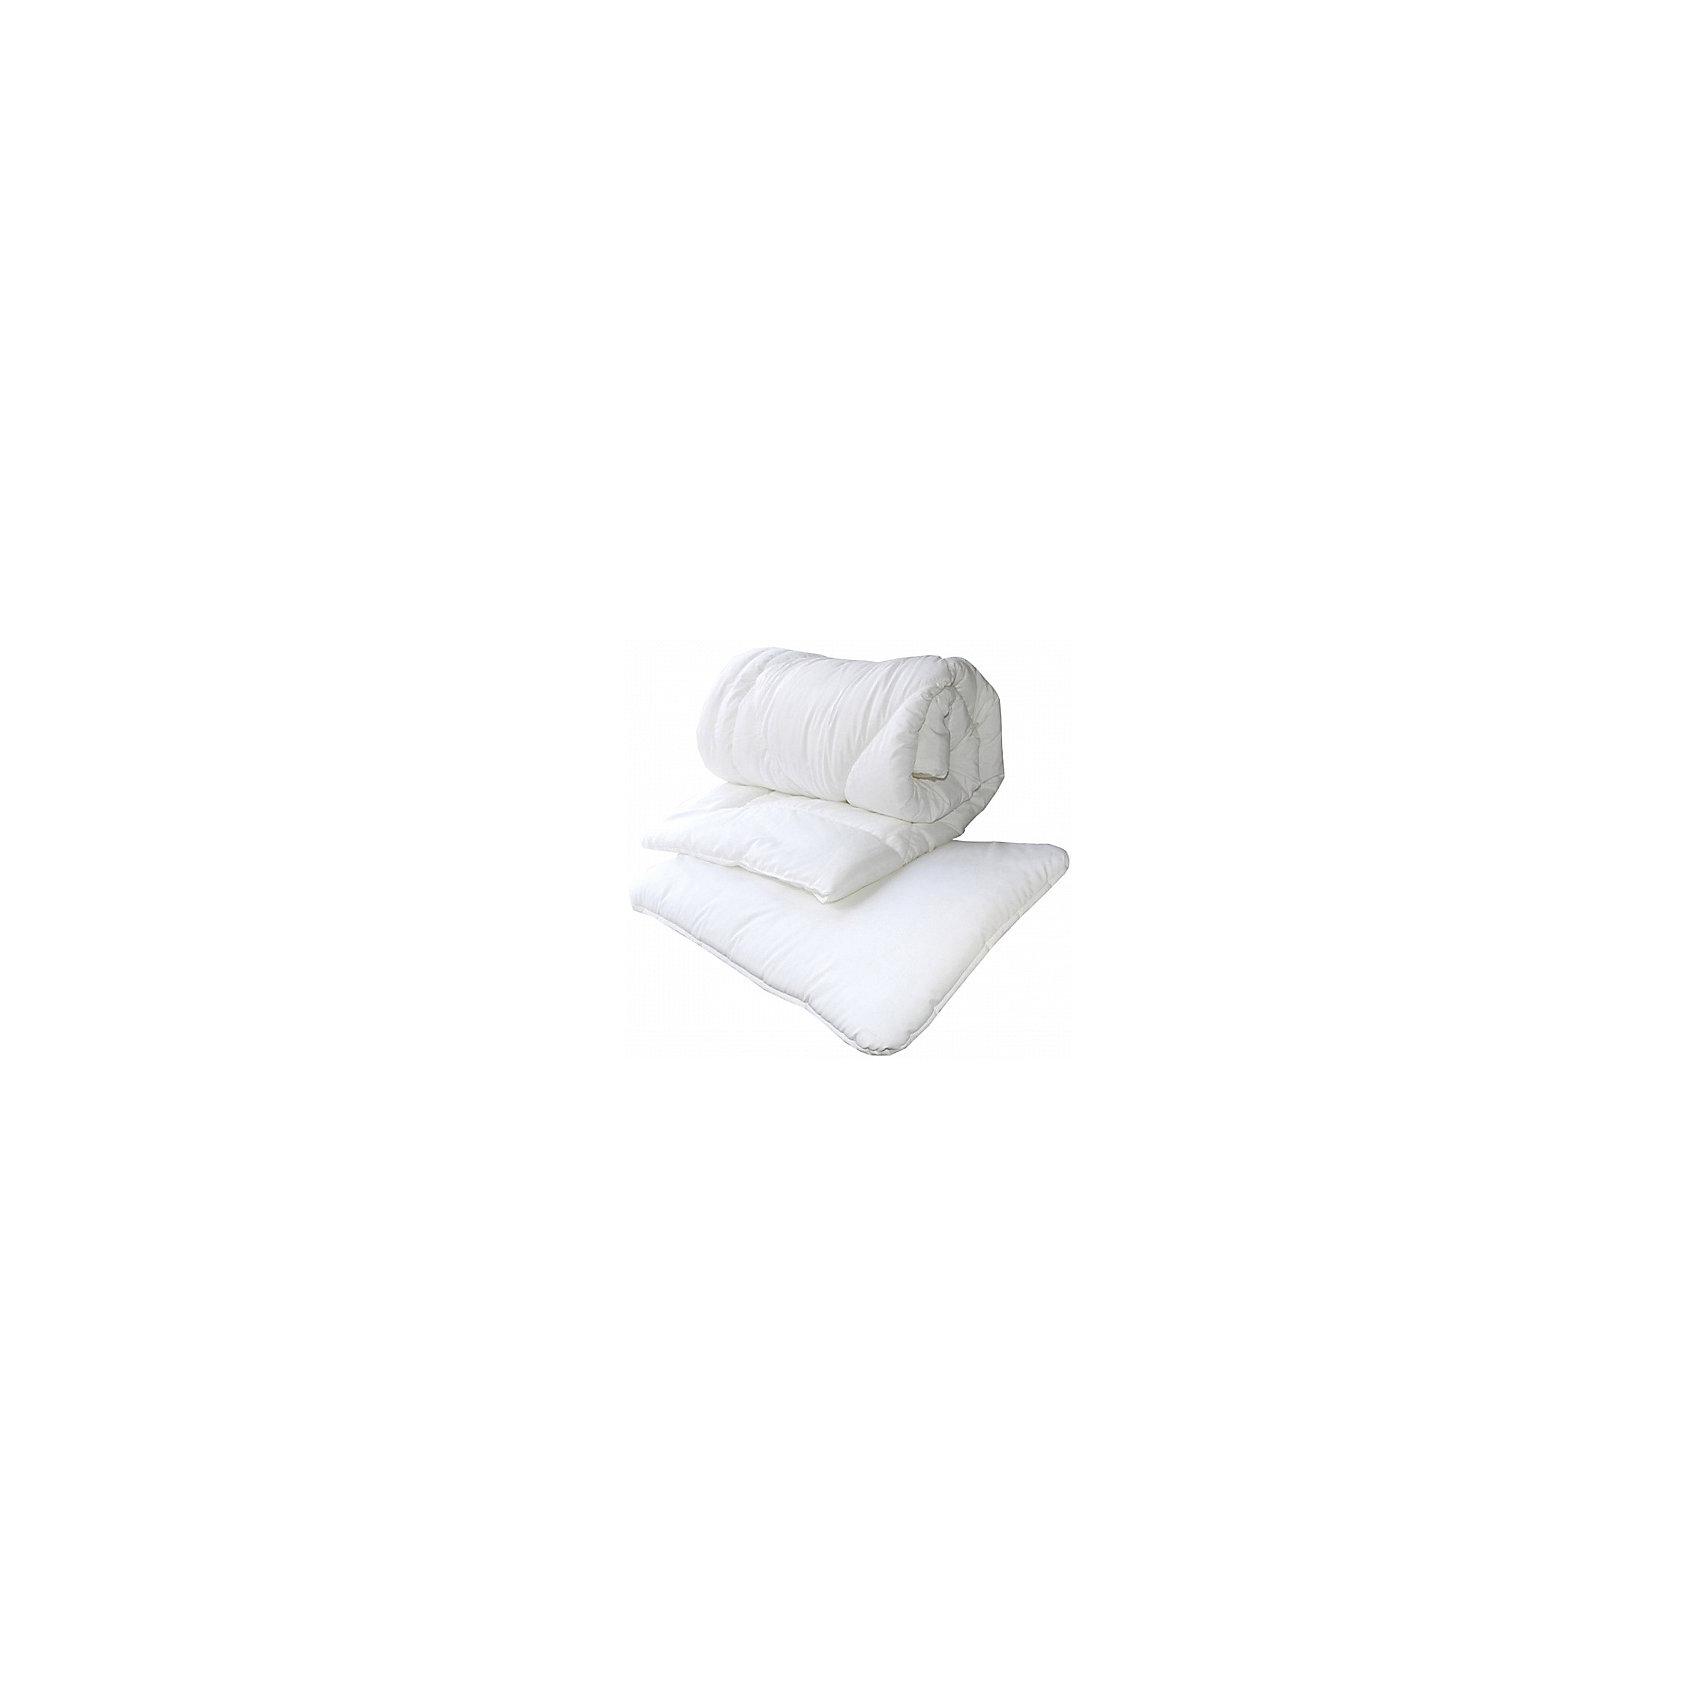 Baby Nice Комплект: одеяло 105х140, подушка 40х60, Baby Nice одеяла nipperland одеяло